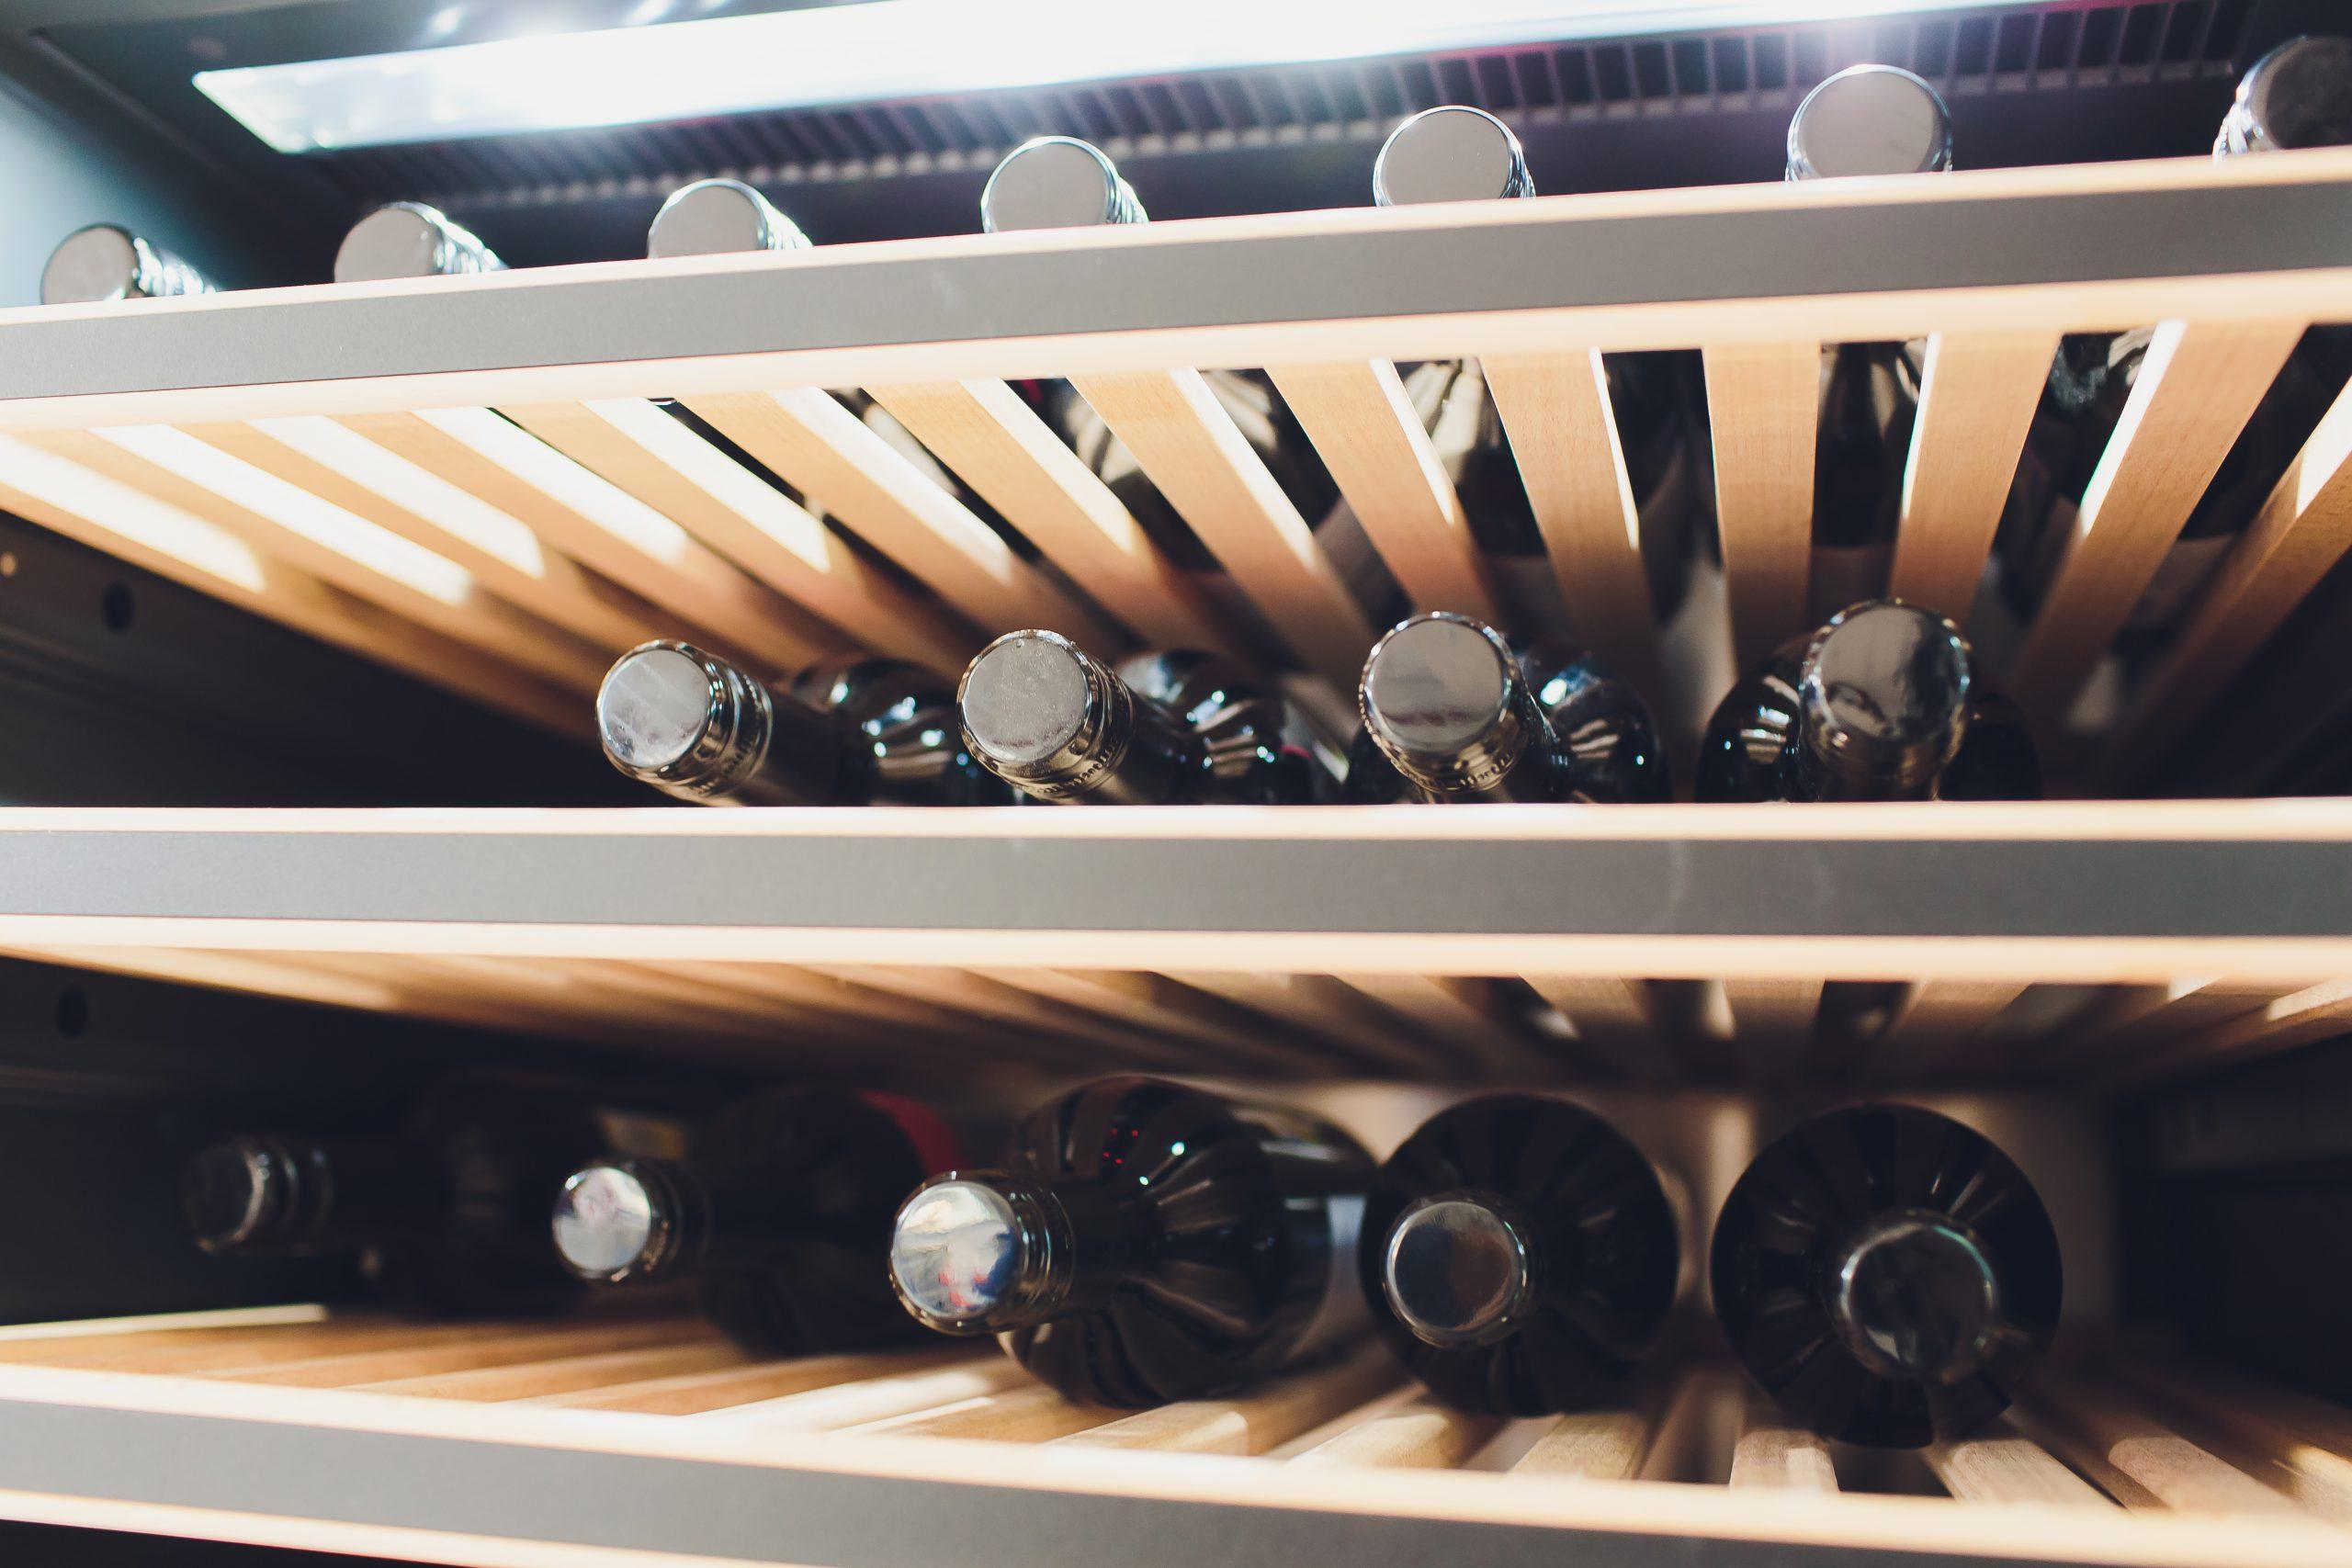 ワインライフをさらに充実させる!ワインセラーの選び方